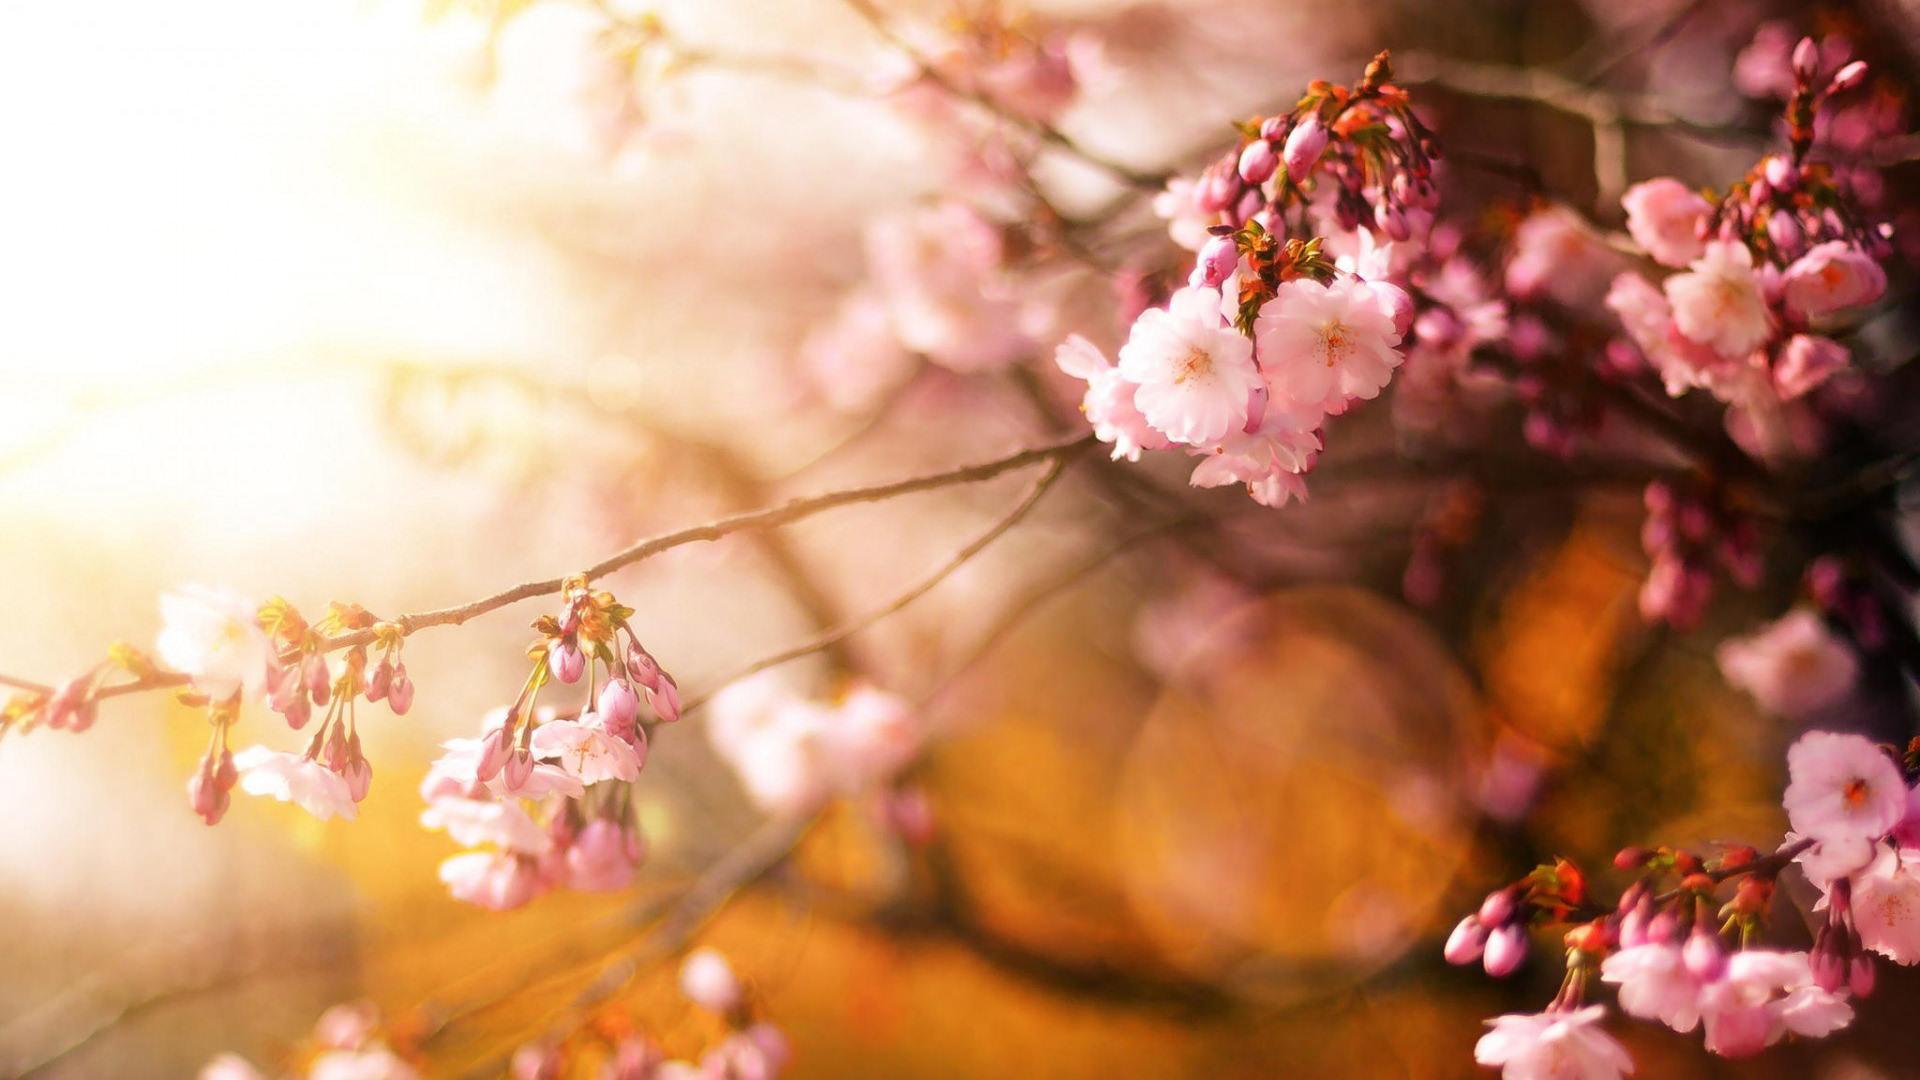 Hinh nền hoa đẹp cho desktop